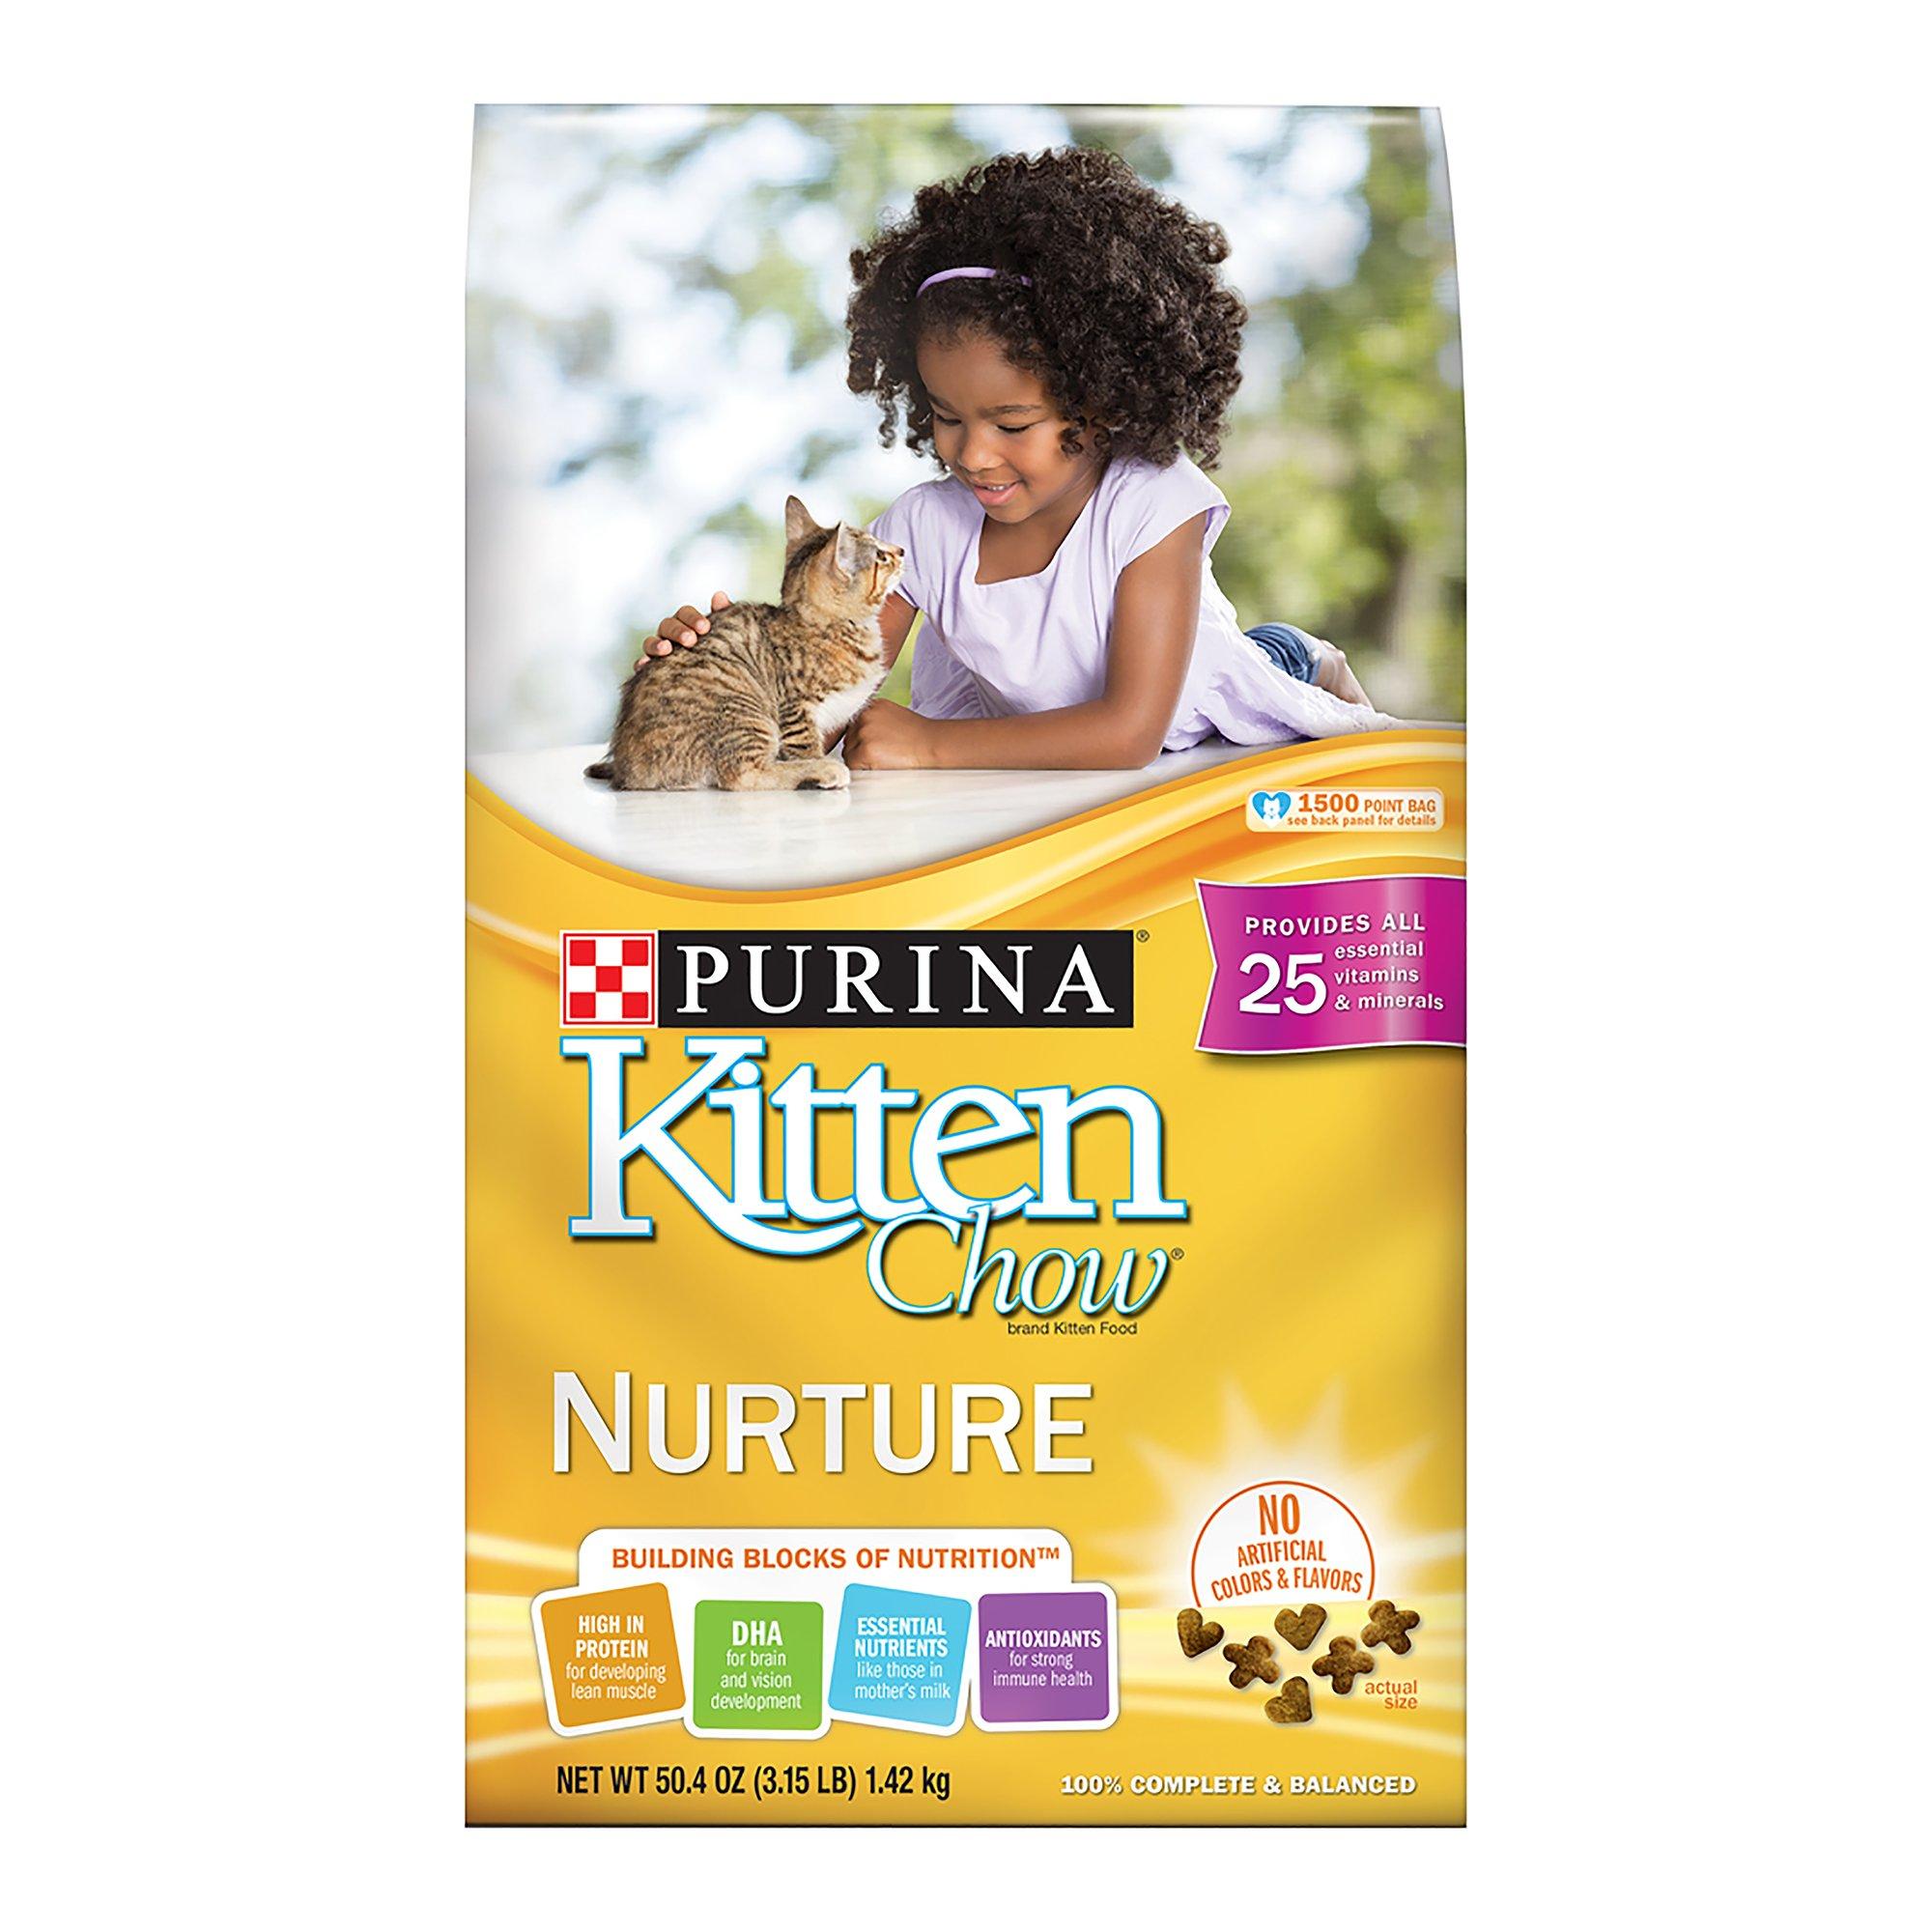 Purina Kitten Chow Nurture Formula Kitten Food